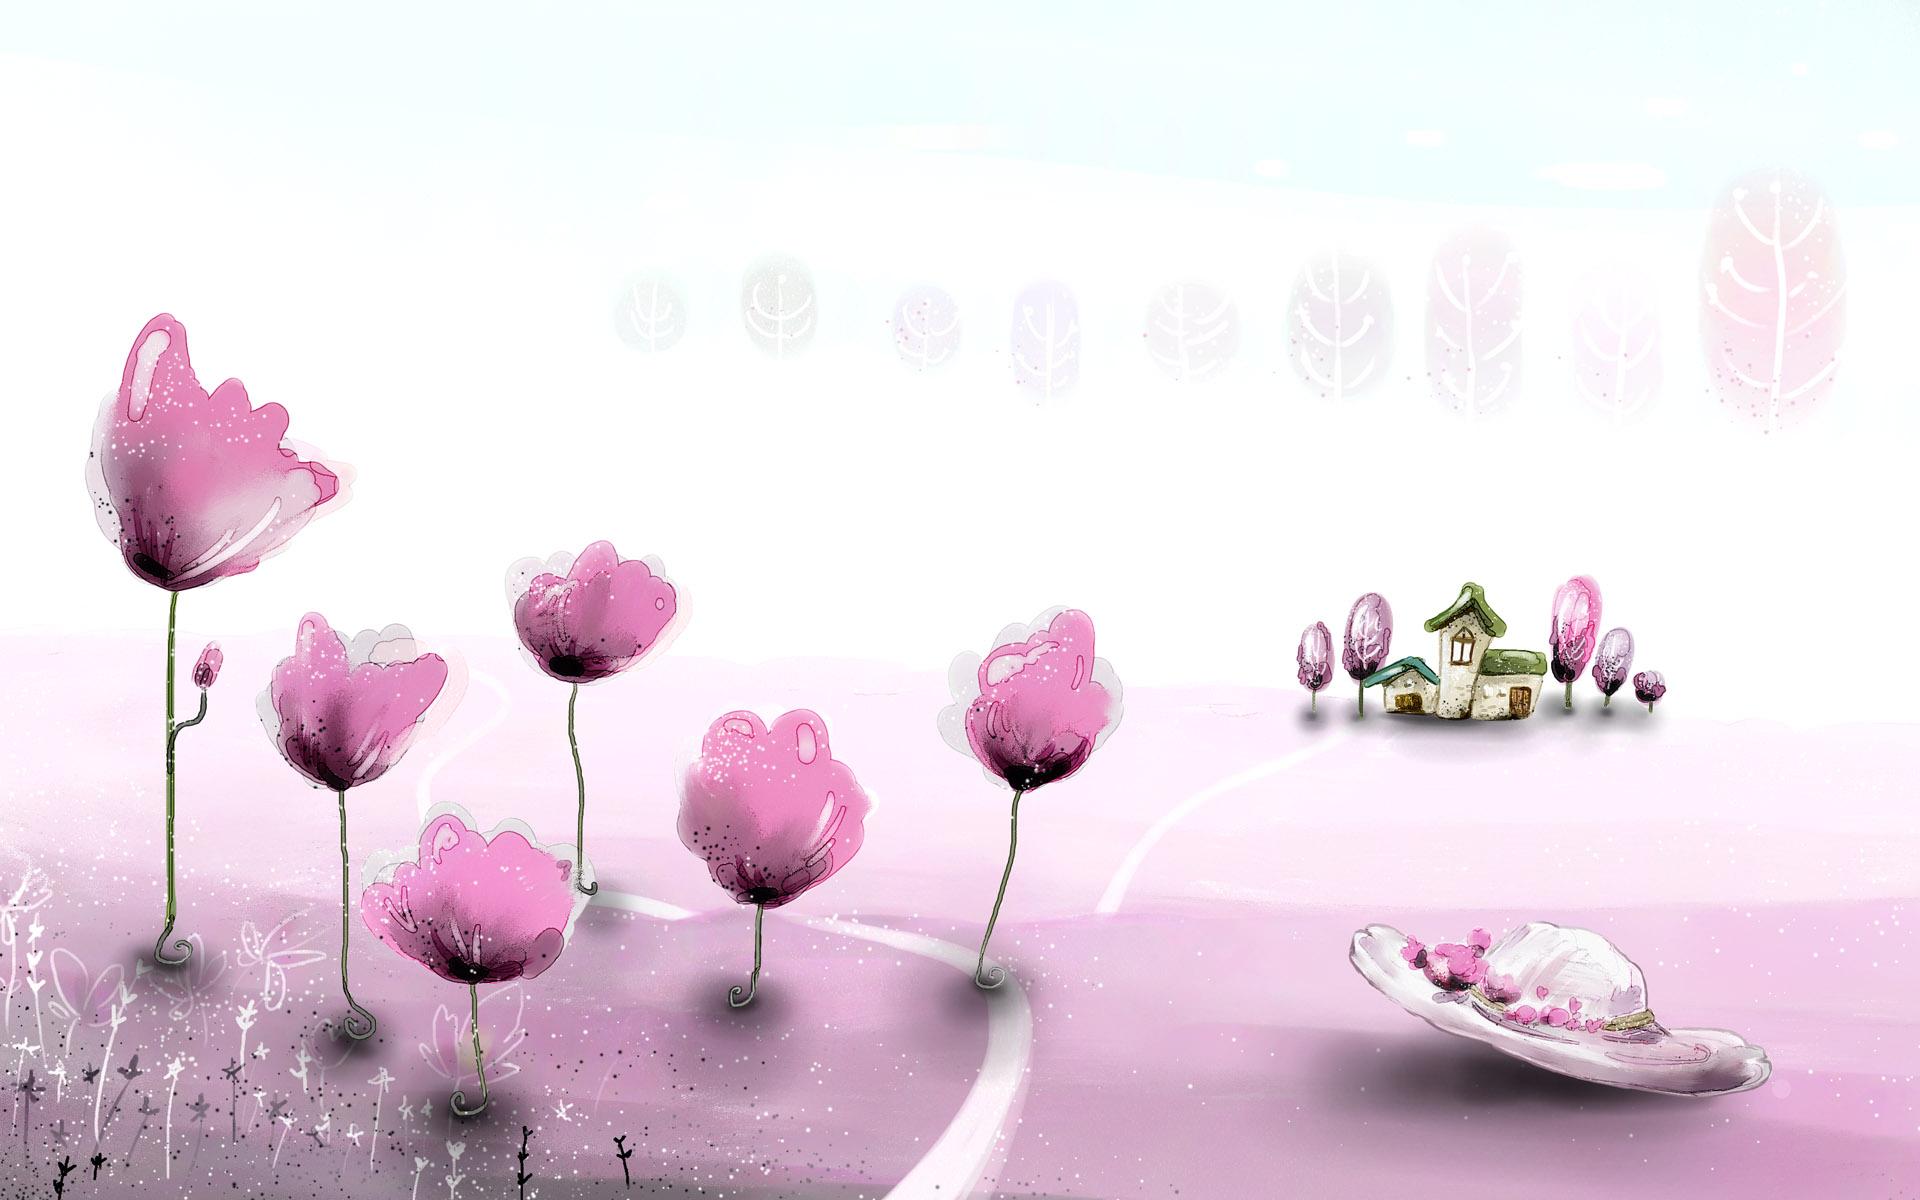 Cute HD Wallpapers for Desktop - WallpaperSafari